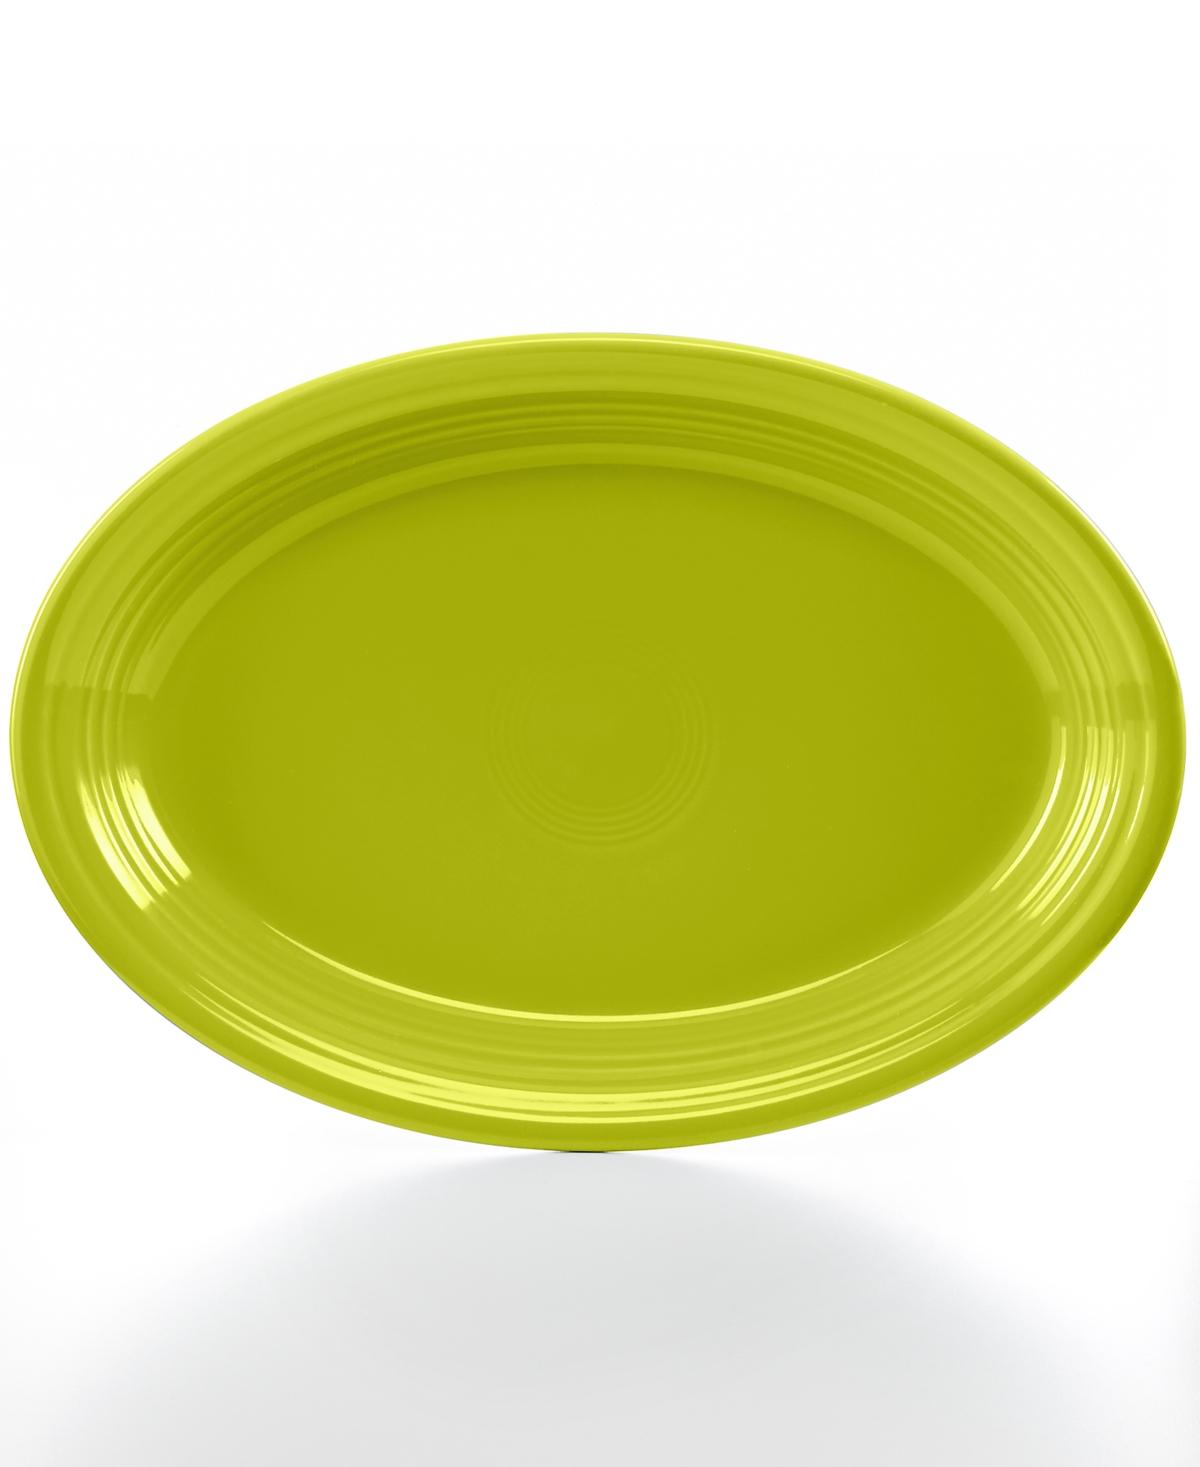 lemongrass oval platter